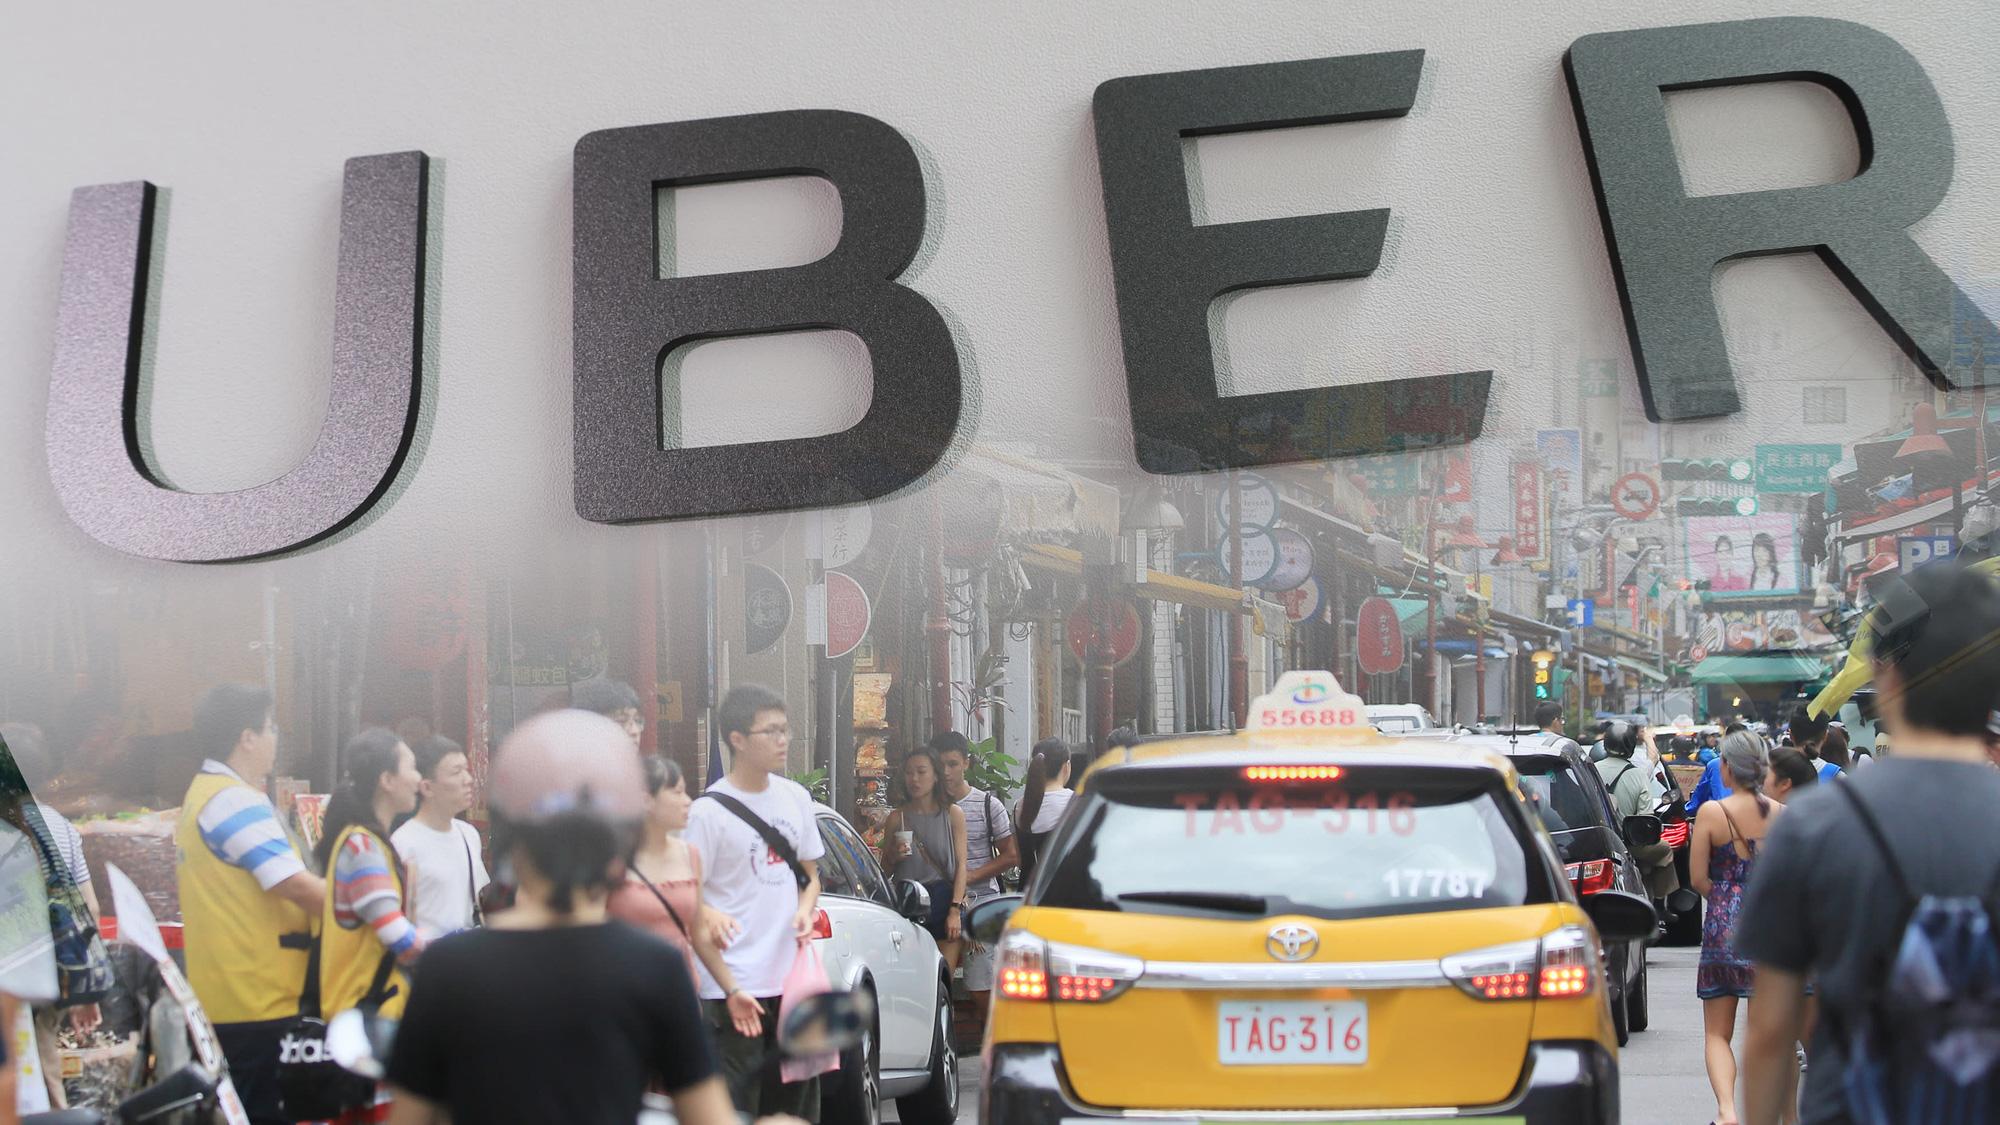 Sau 1 tháng, Uber và WeWork 'thổi bay' hơn 50% giá trị cổ phiếu SoftBank - Ảnh 1.